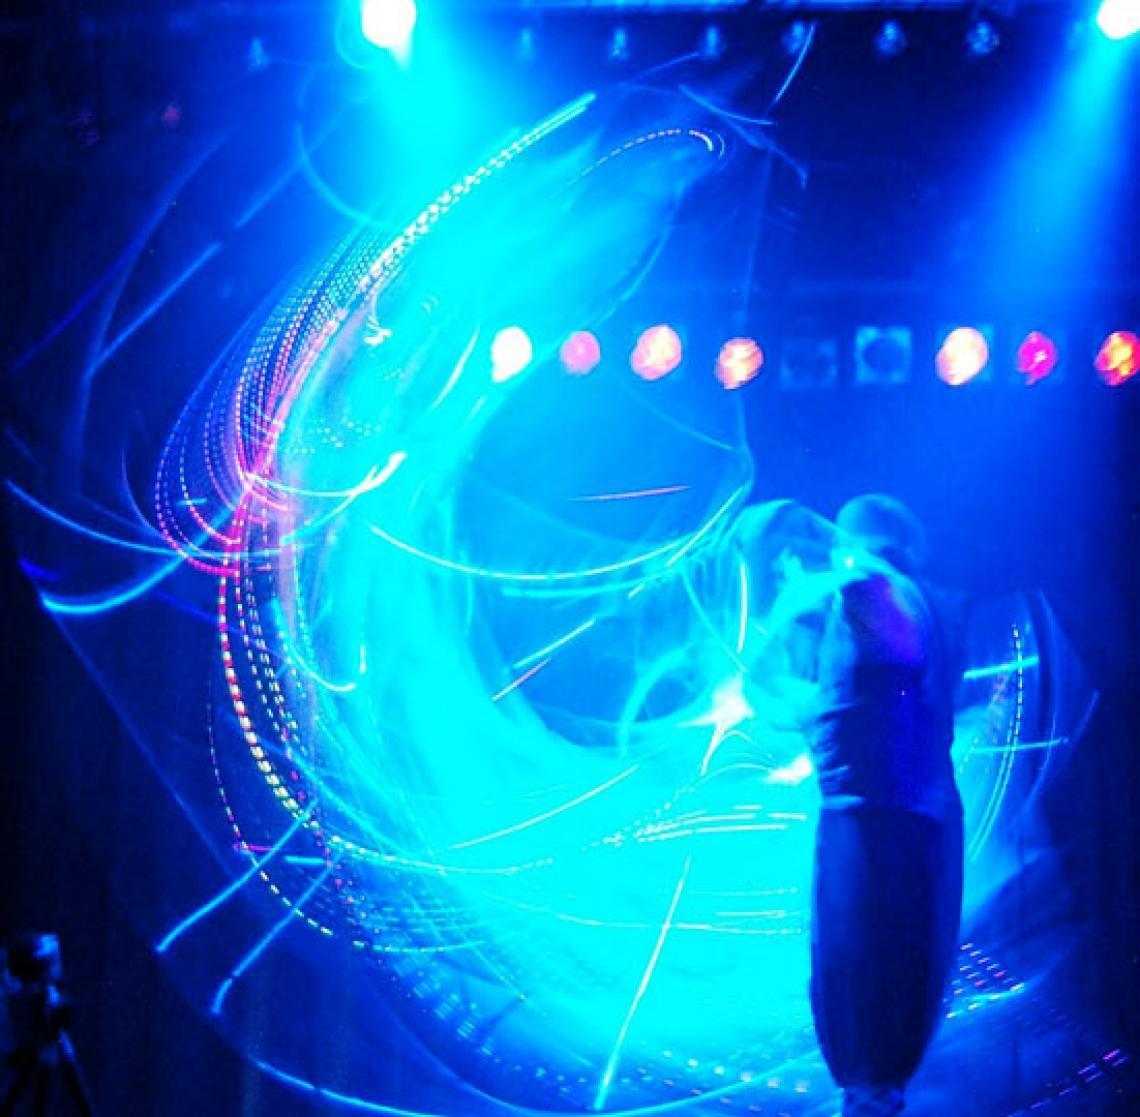 Andrew Scordilis Lichteffekte mit Cube-Manipulation